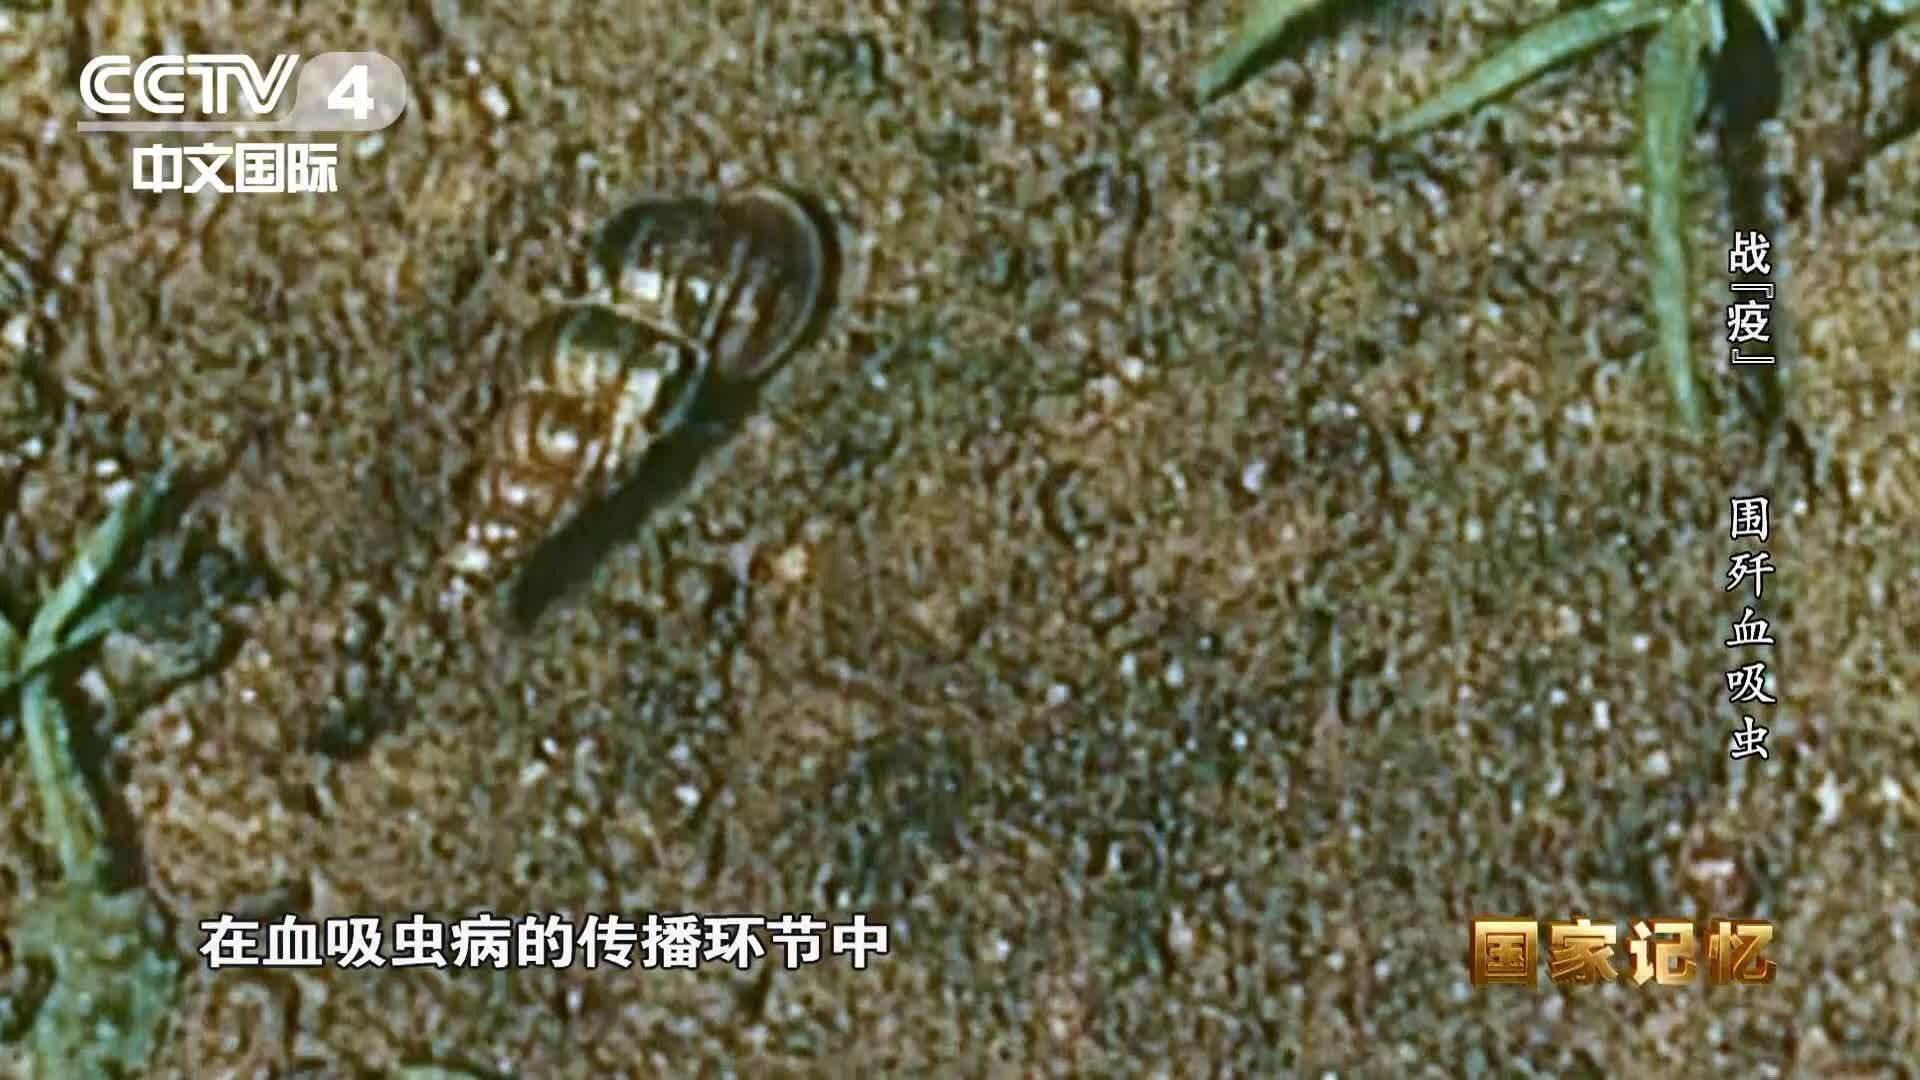 钉螺是血吸虫的中间宿主,一对钉螺一年竟能繁殖25万只!